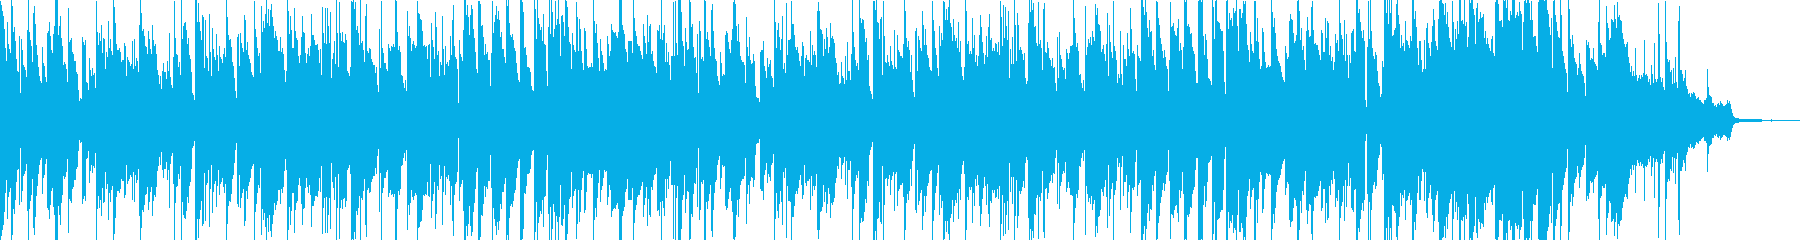 明るい、おしゃれな楽しいジャズの再生済みの波形